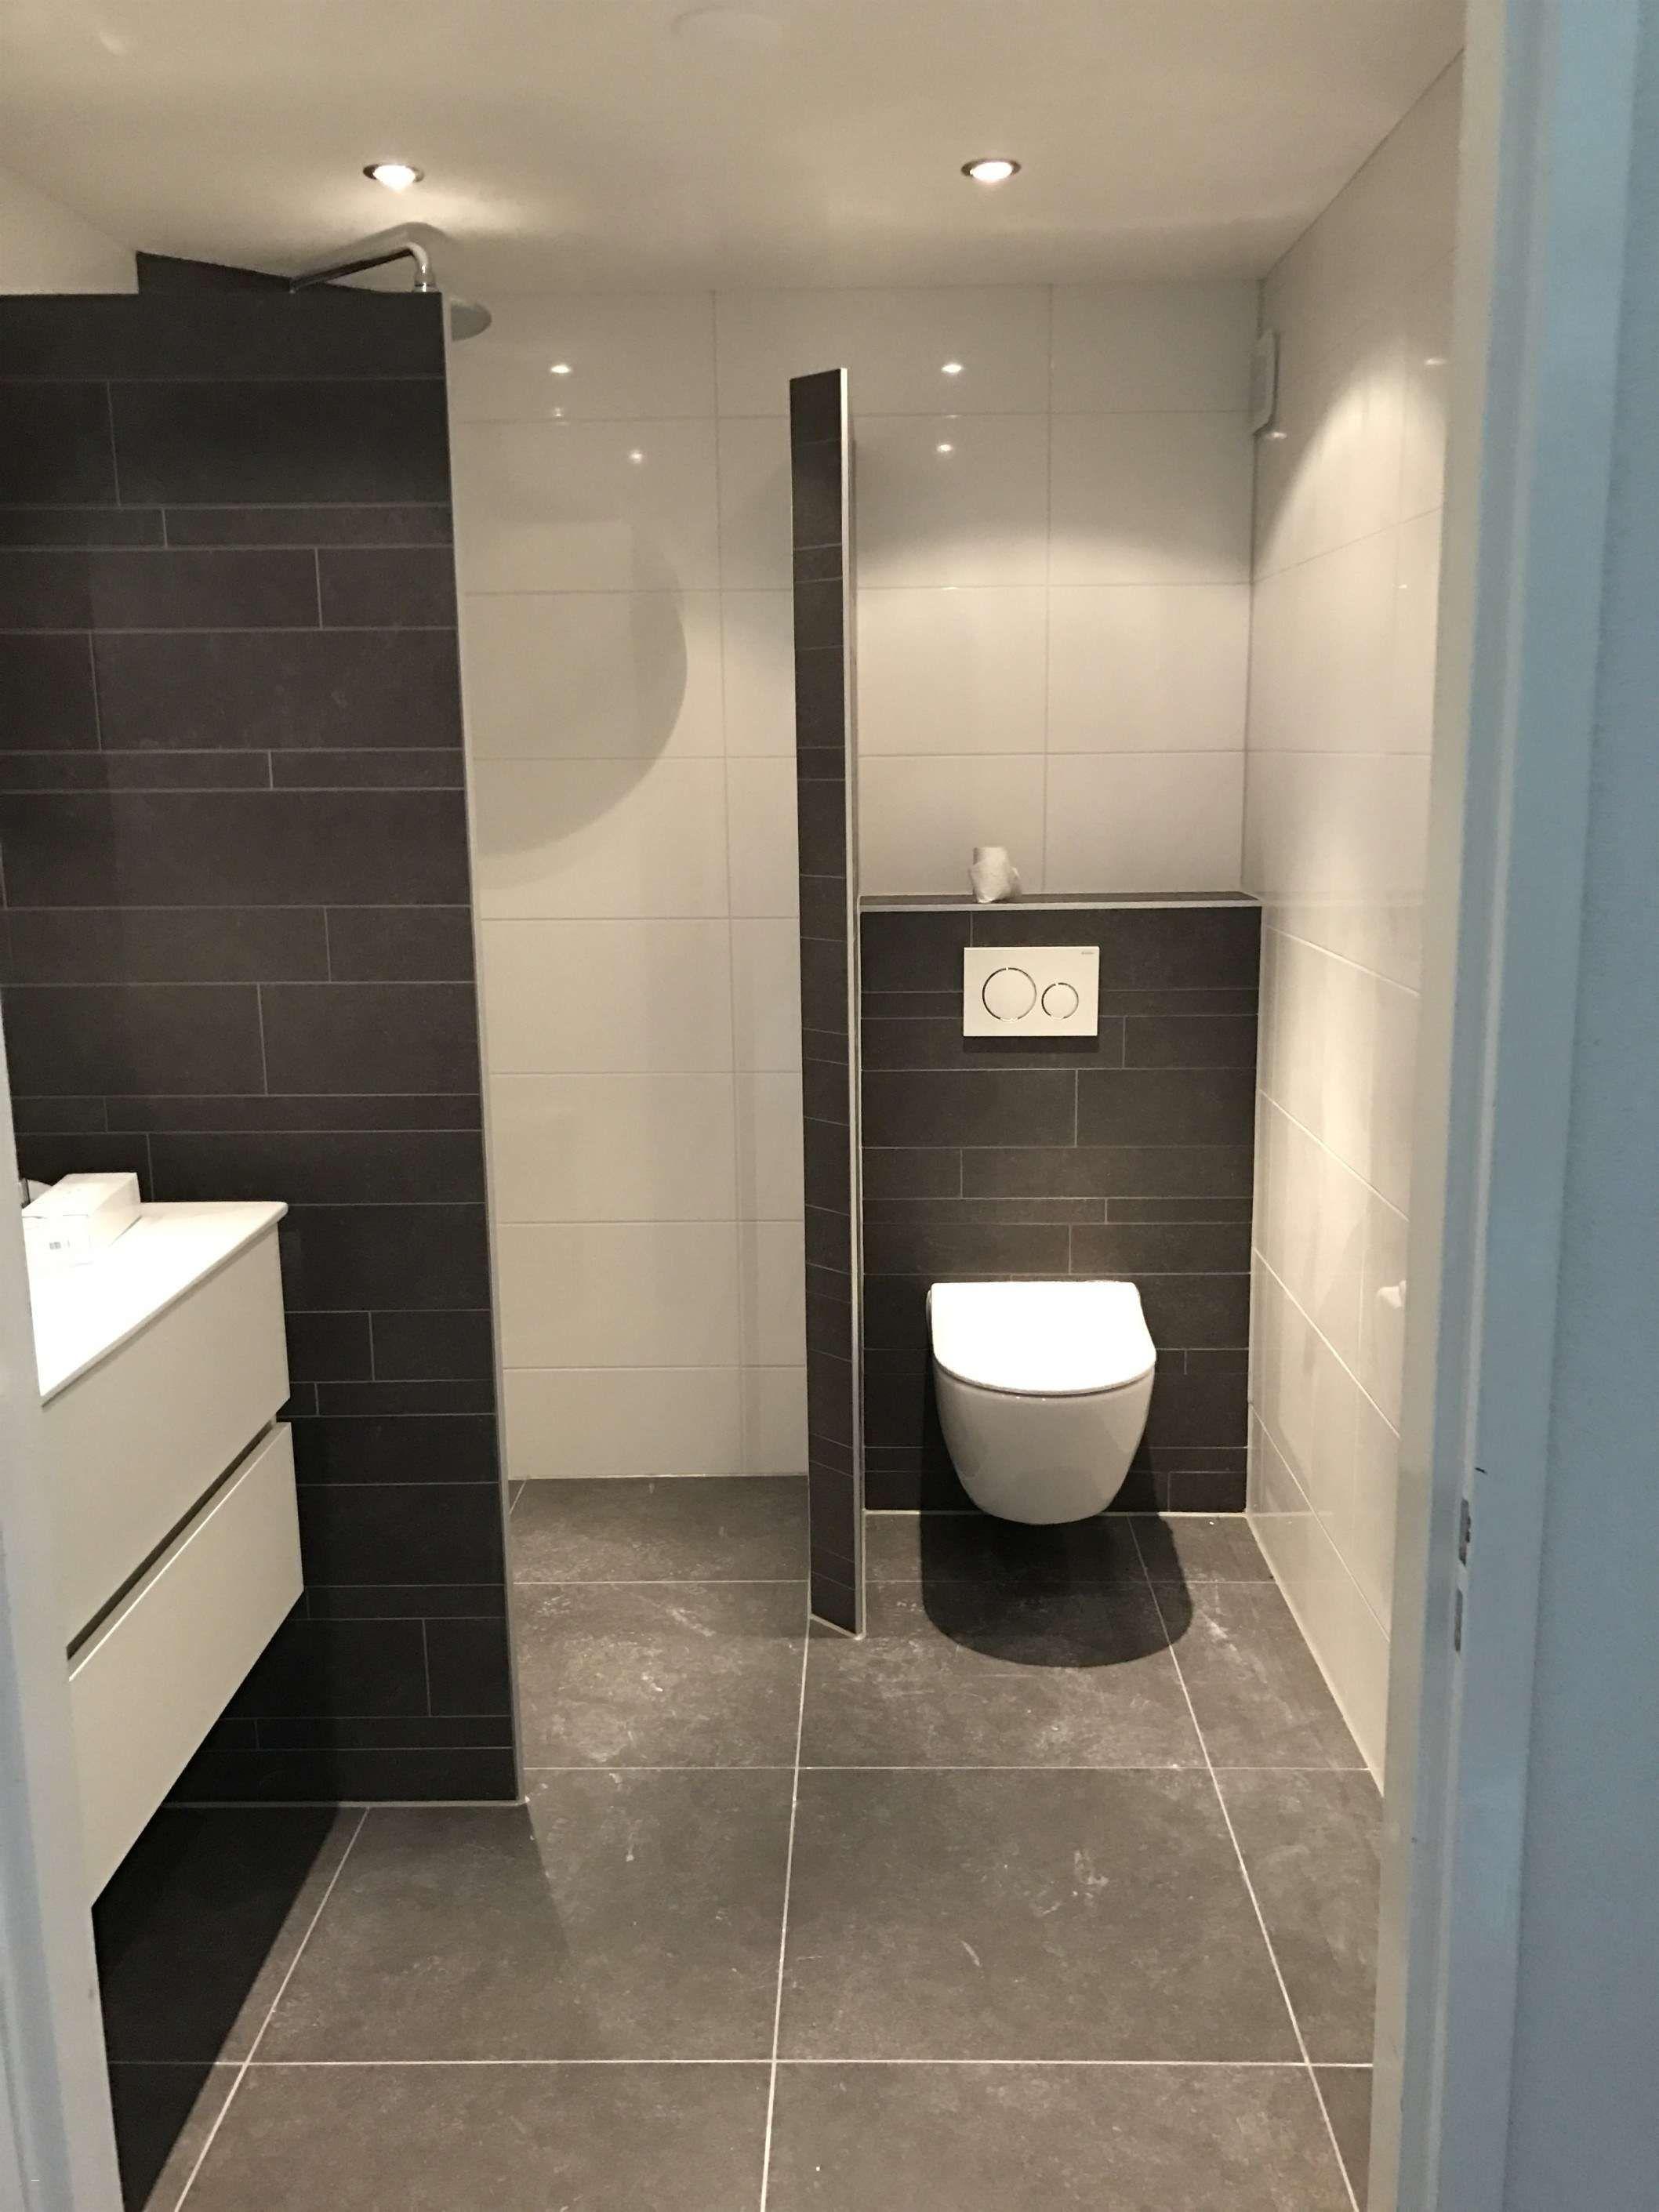 40 Bad Dekoration Wand Badezimmer Einrichtung Badezimmer Badezimmer Umbau